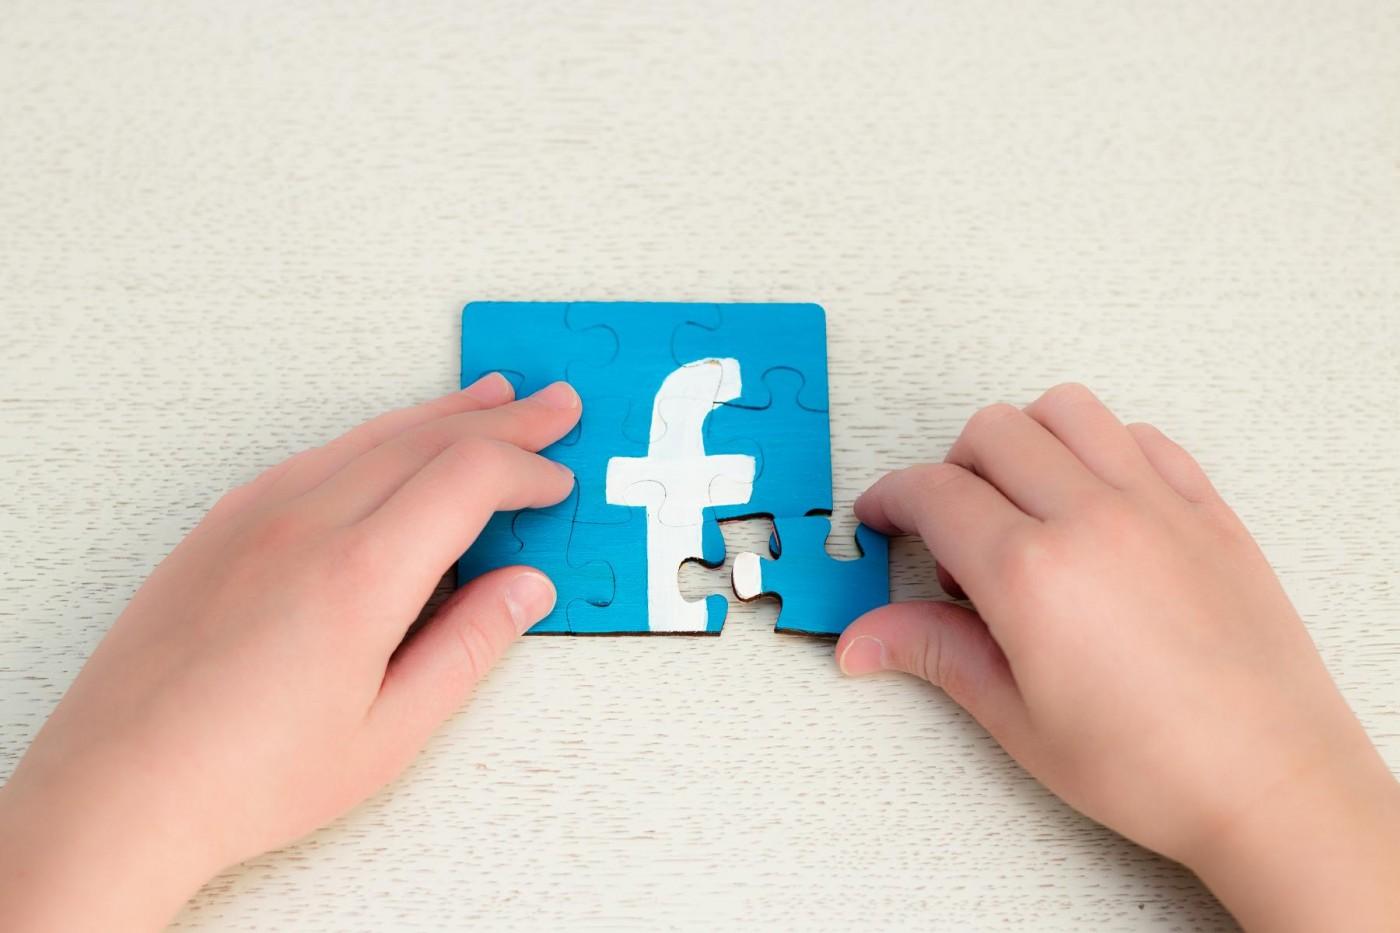 出版者注意!Facebook再度更改演算法,載入過慢的網頁恐被降級